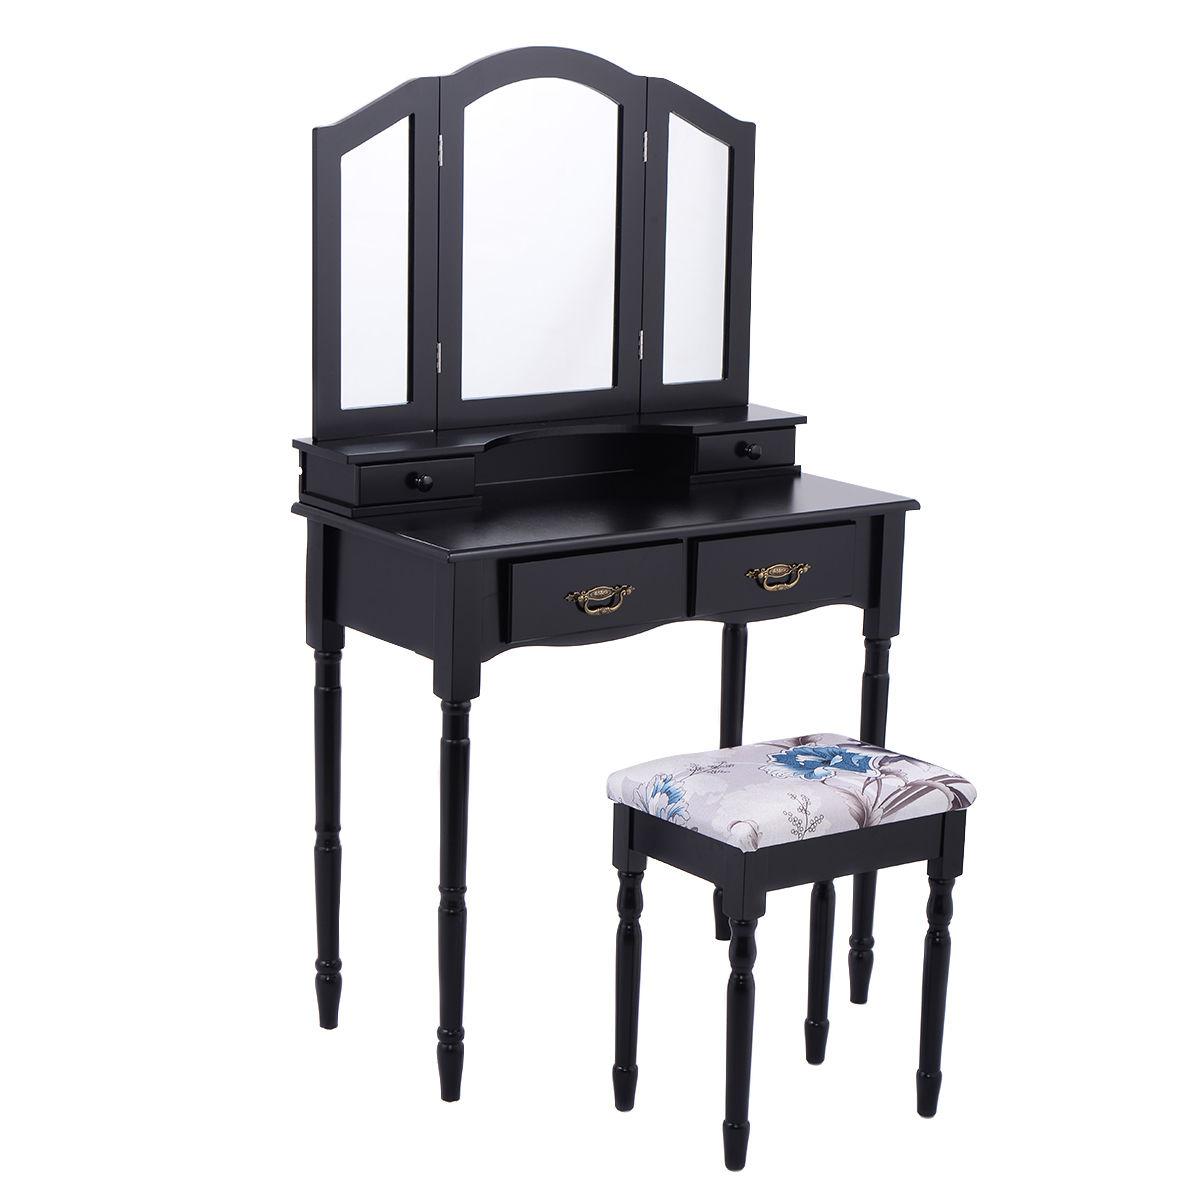 Costway Black Tri Folding Mirror Vanity Makeup Table Stool Set Bathroom W 4 Drawers 2